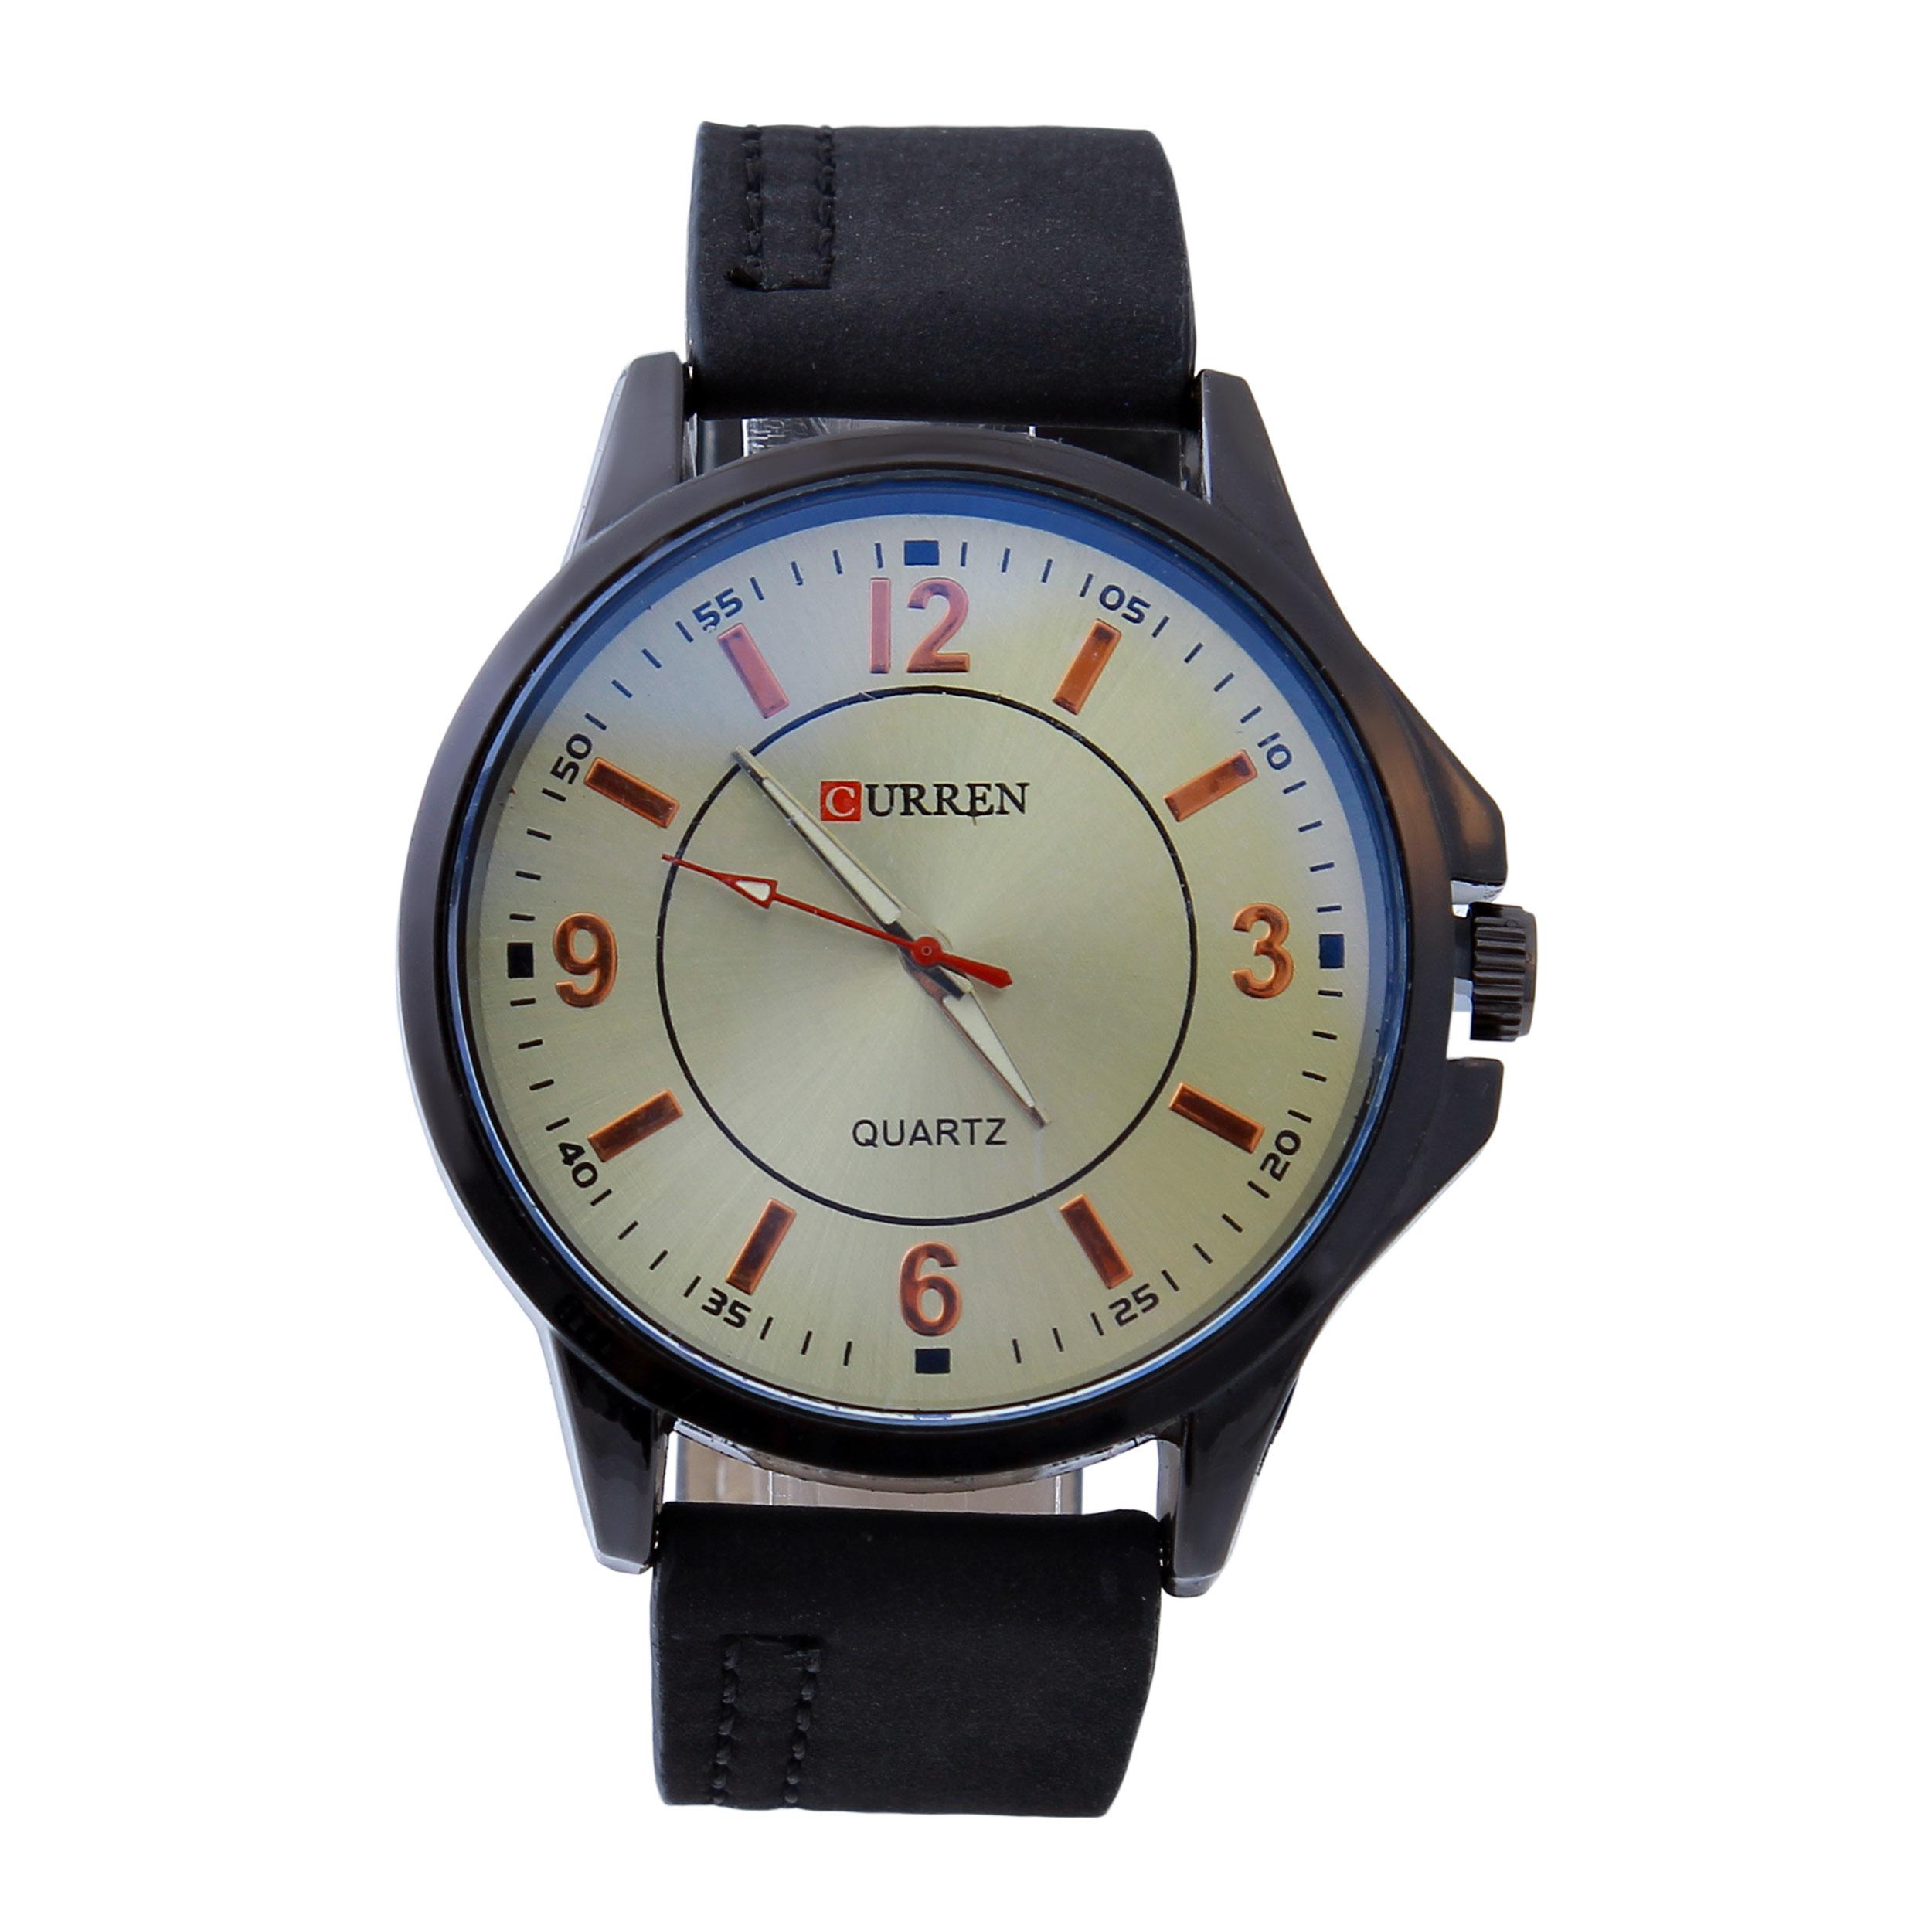 خرید                                        ساعت مچی عقربه ای مردانه کد WHM_125                     غیر اصل